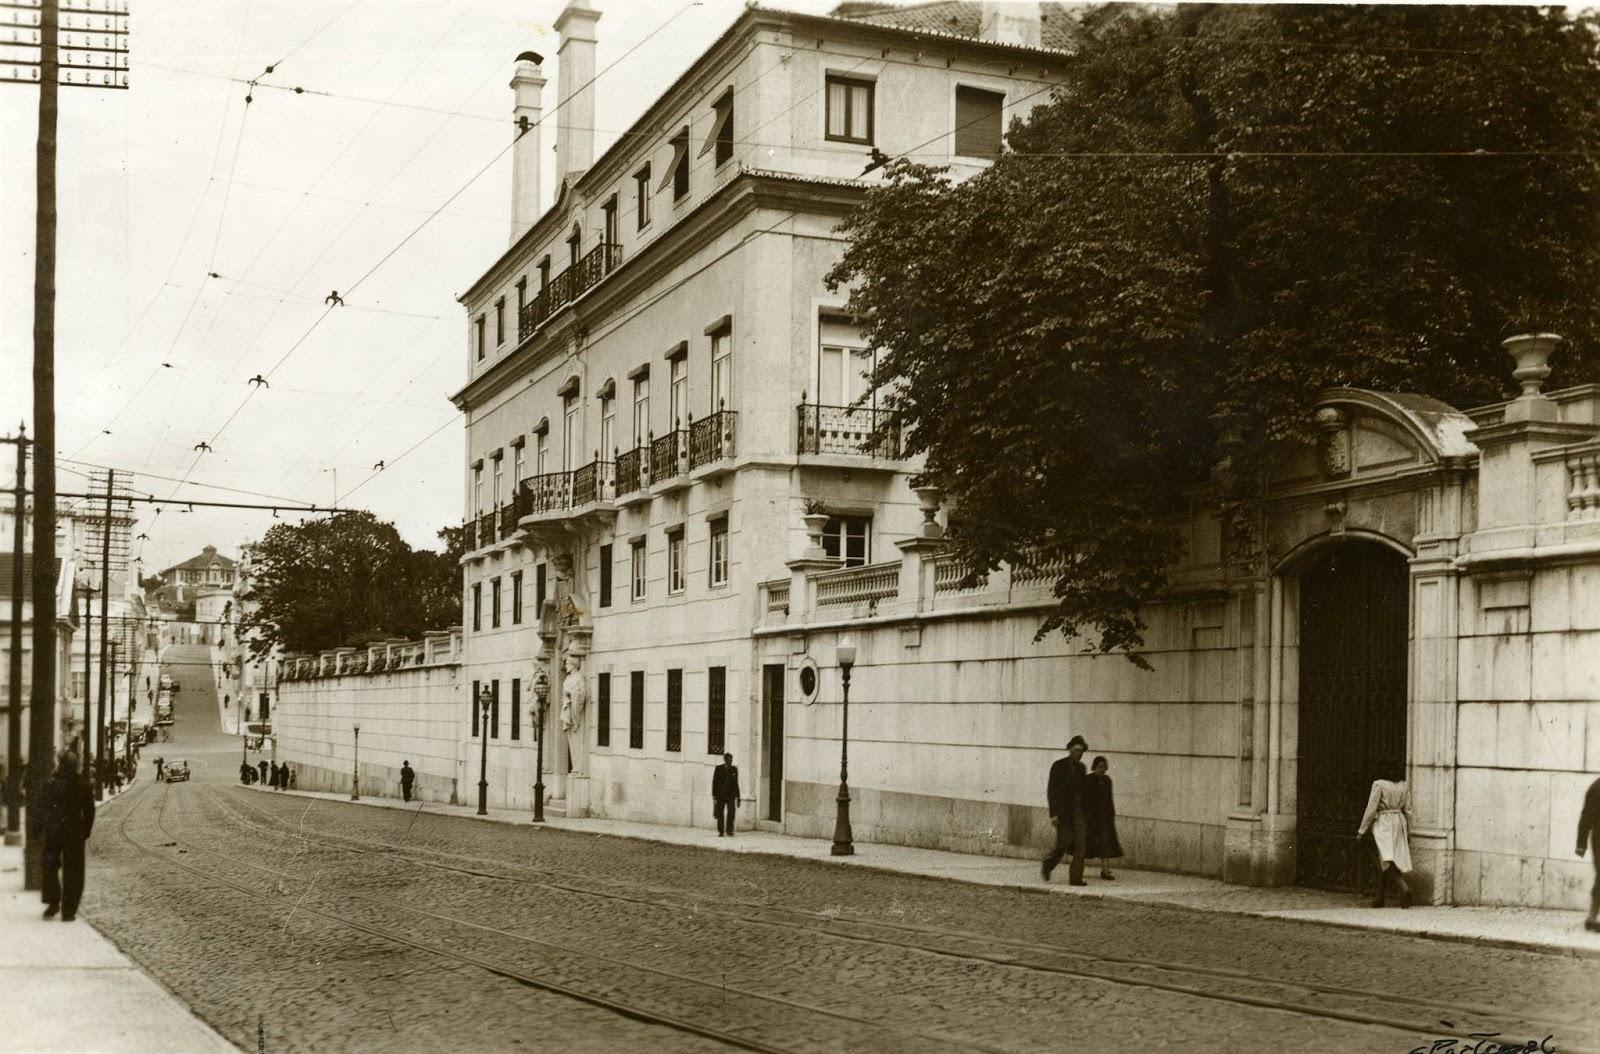 Ruas de lisboa com alguma hist ria rua da escola polit cnica x - Casa palacete 1822 ...